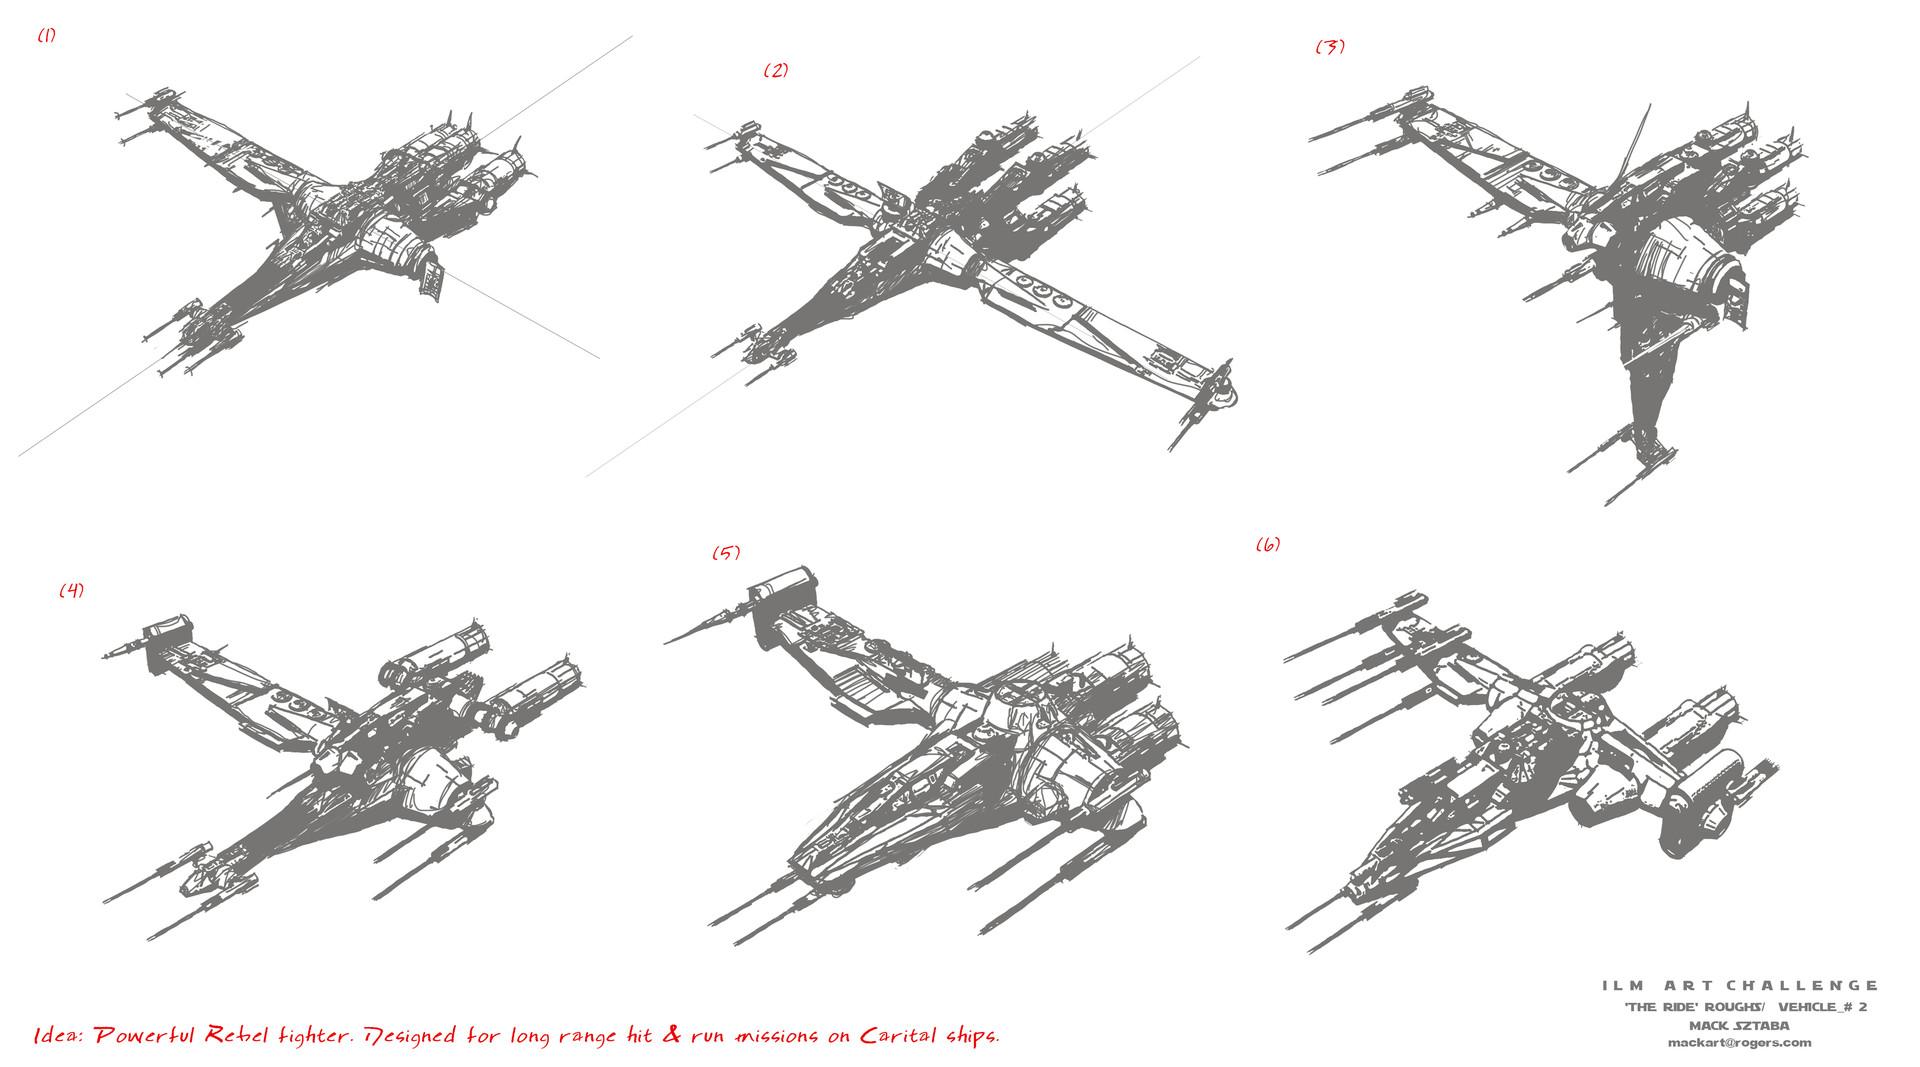 mack-sztaba-vehicle-roughs-2.jpg?1473814